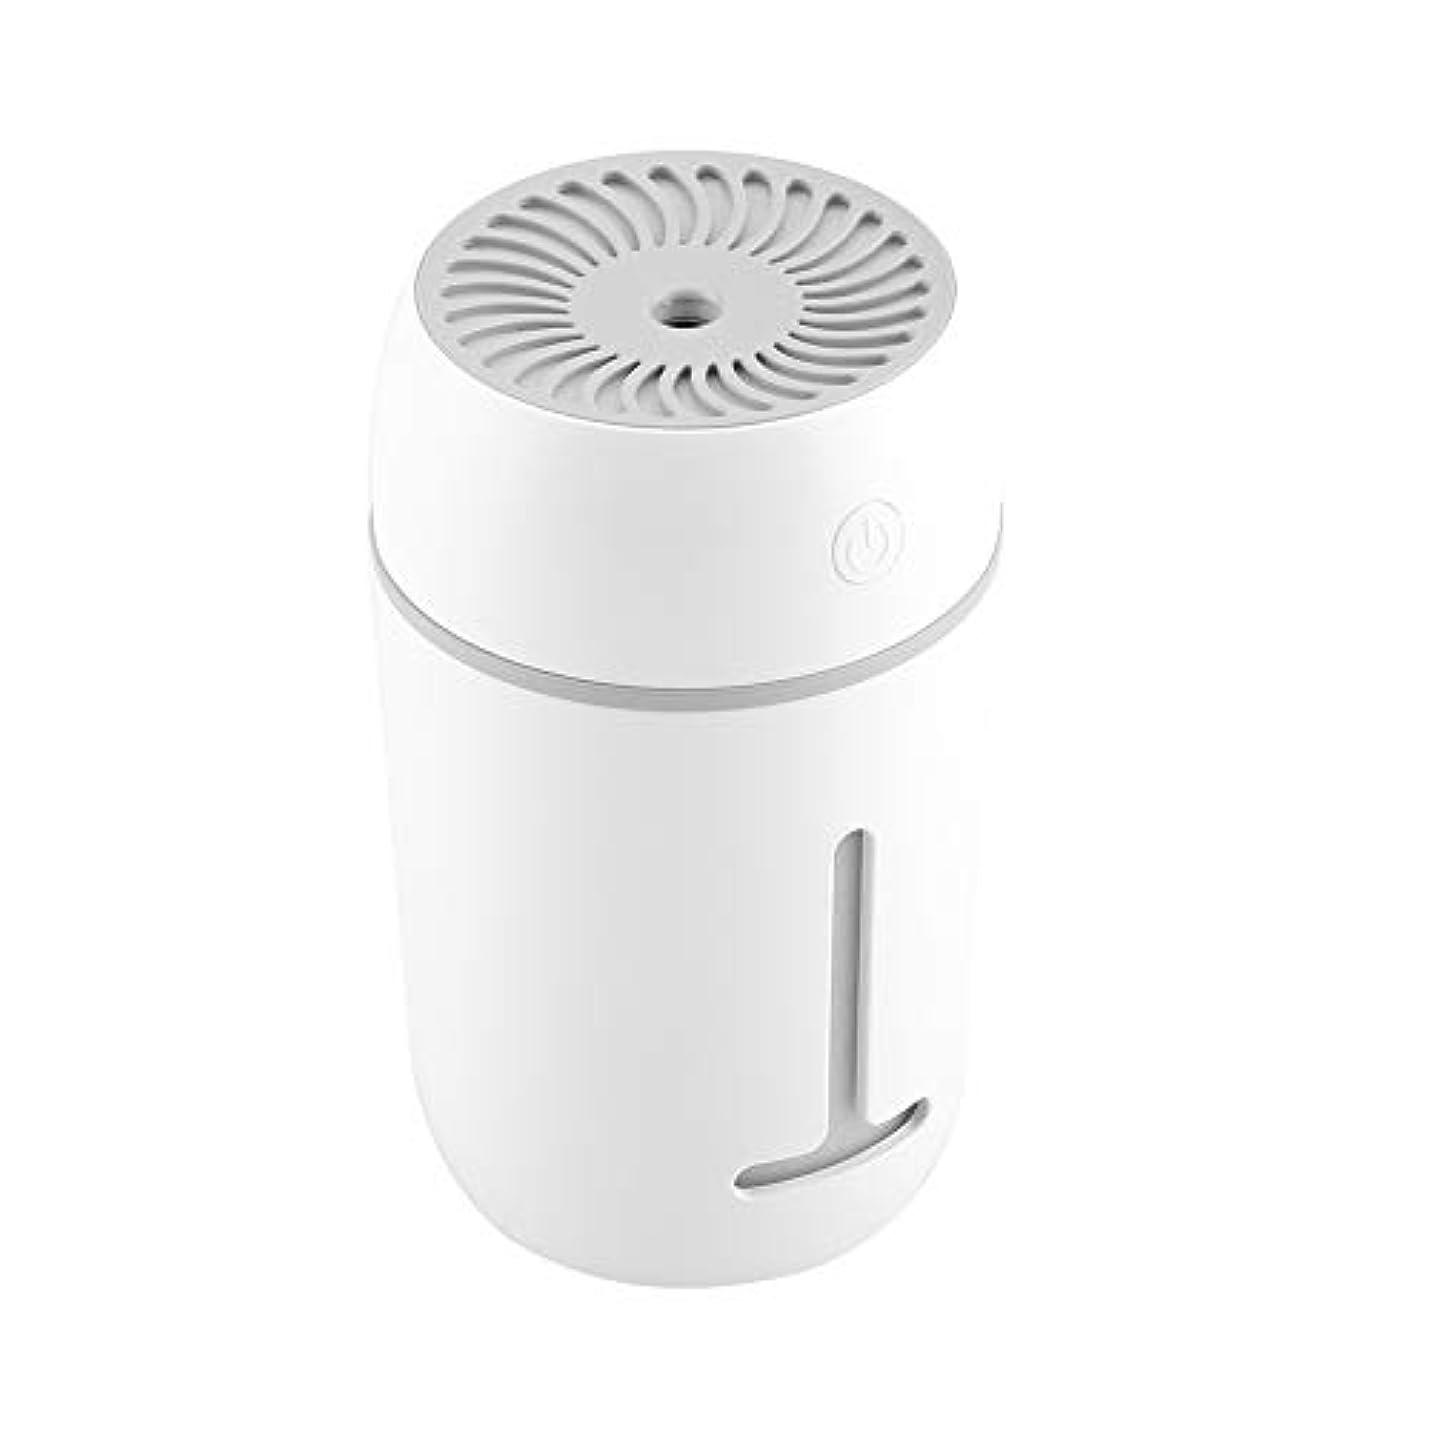 メロドラマティック噴出するシュート携帯用加湿器、車のオフィスのためのUSBの再充電可能な携帯用超音波加湿器の拡散器7色LEDライト